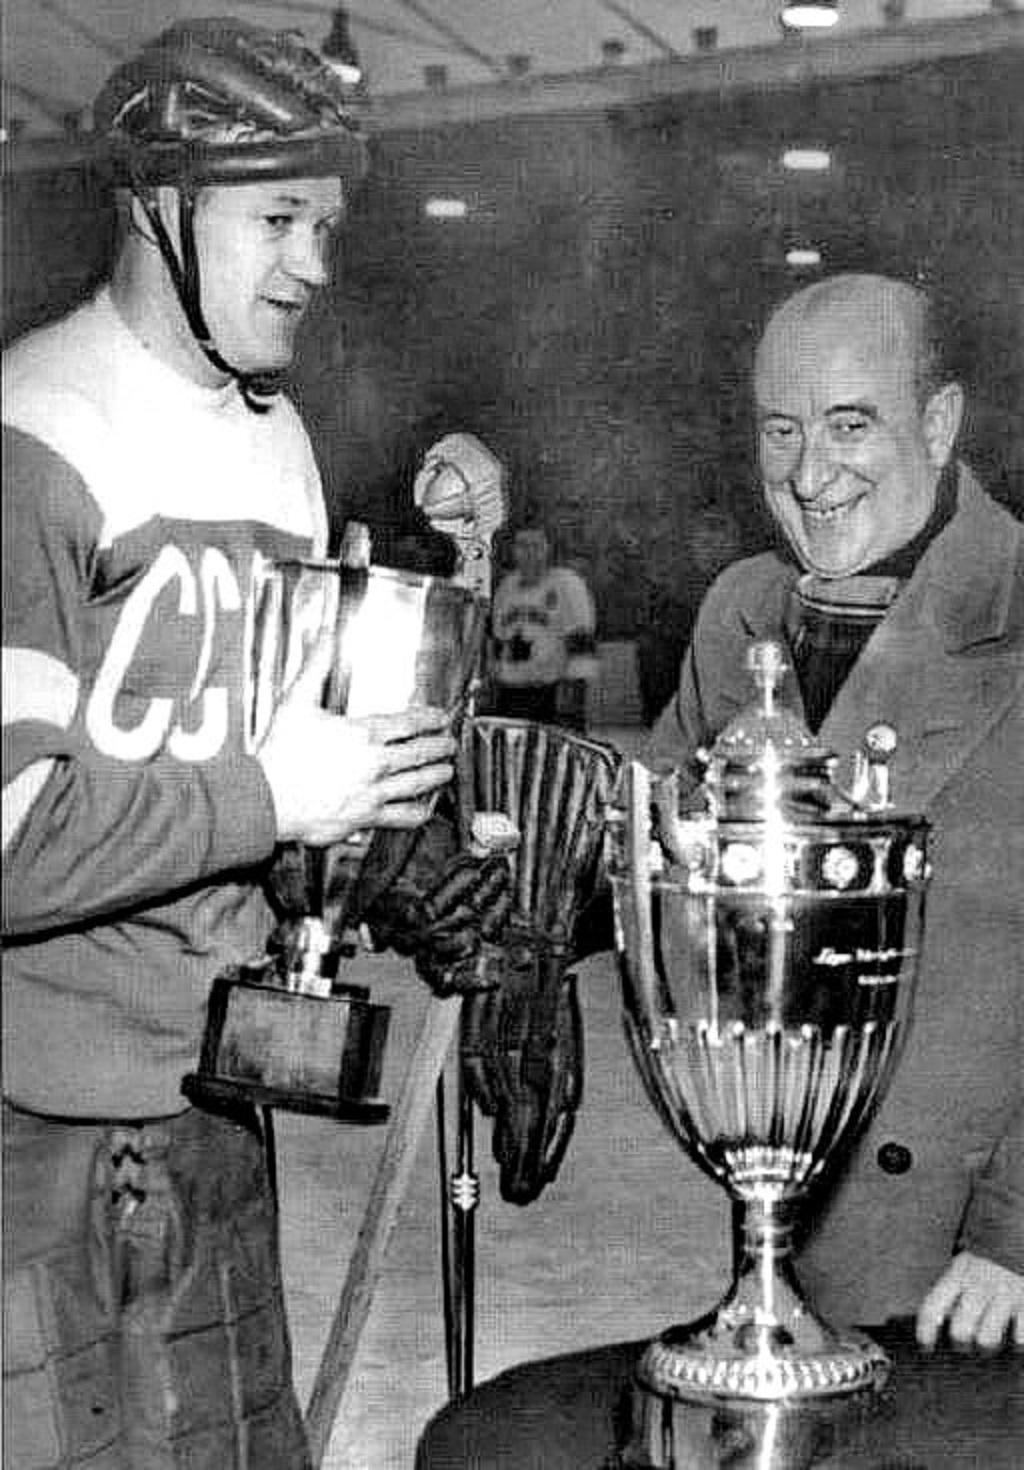 1954 год, (Стокгольм), сборная СССР - чемпион Мира и Европы. Джон Ахерн передаёт кубки советскому капитану Всеволоду Боброву.jpg